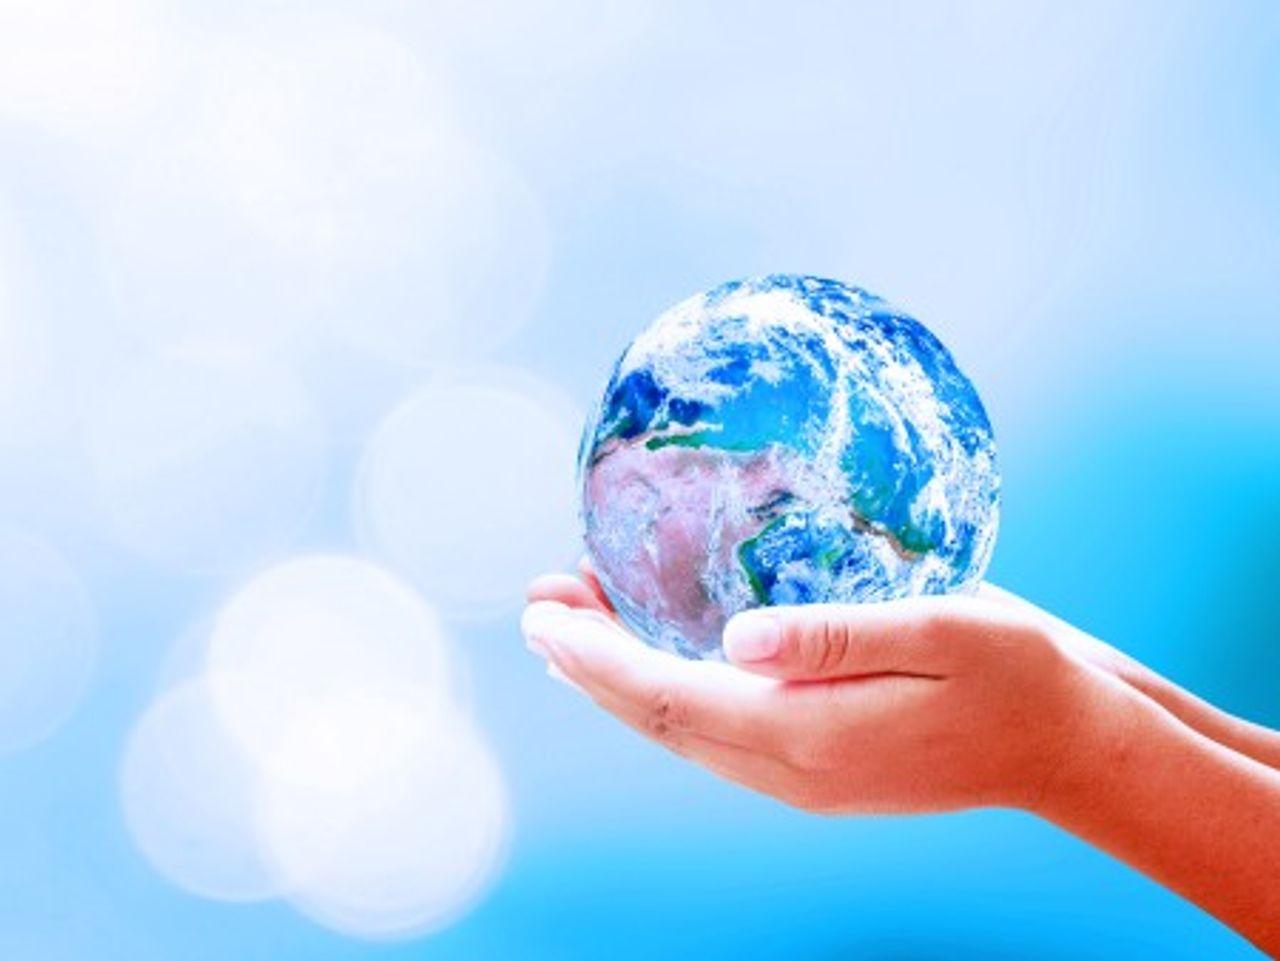 Deux mains tiennent un globe en verre dans leur main sur un fond bleu